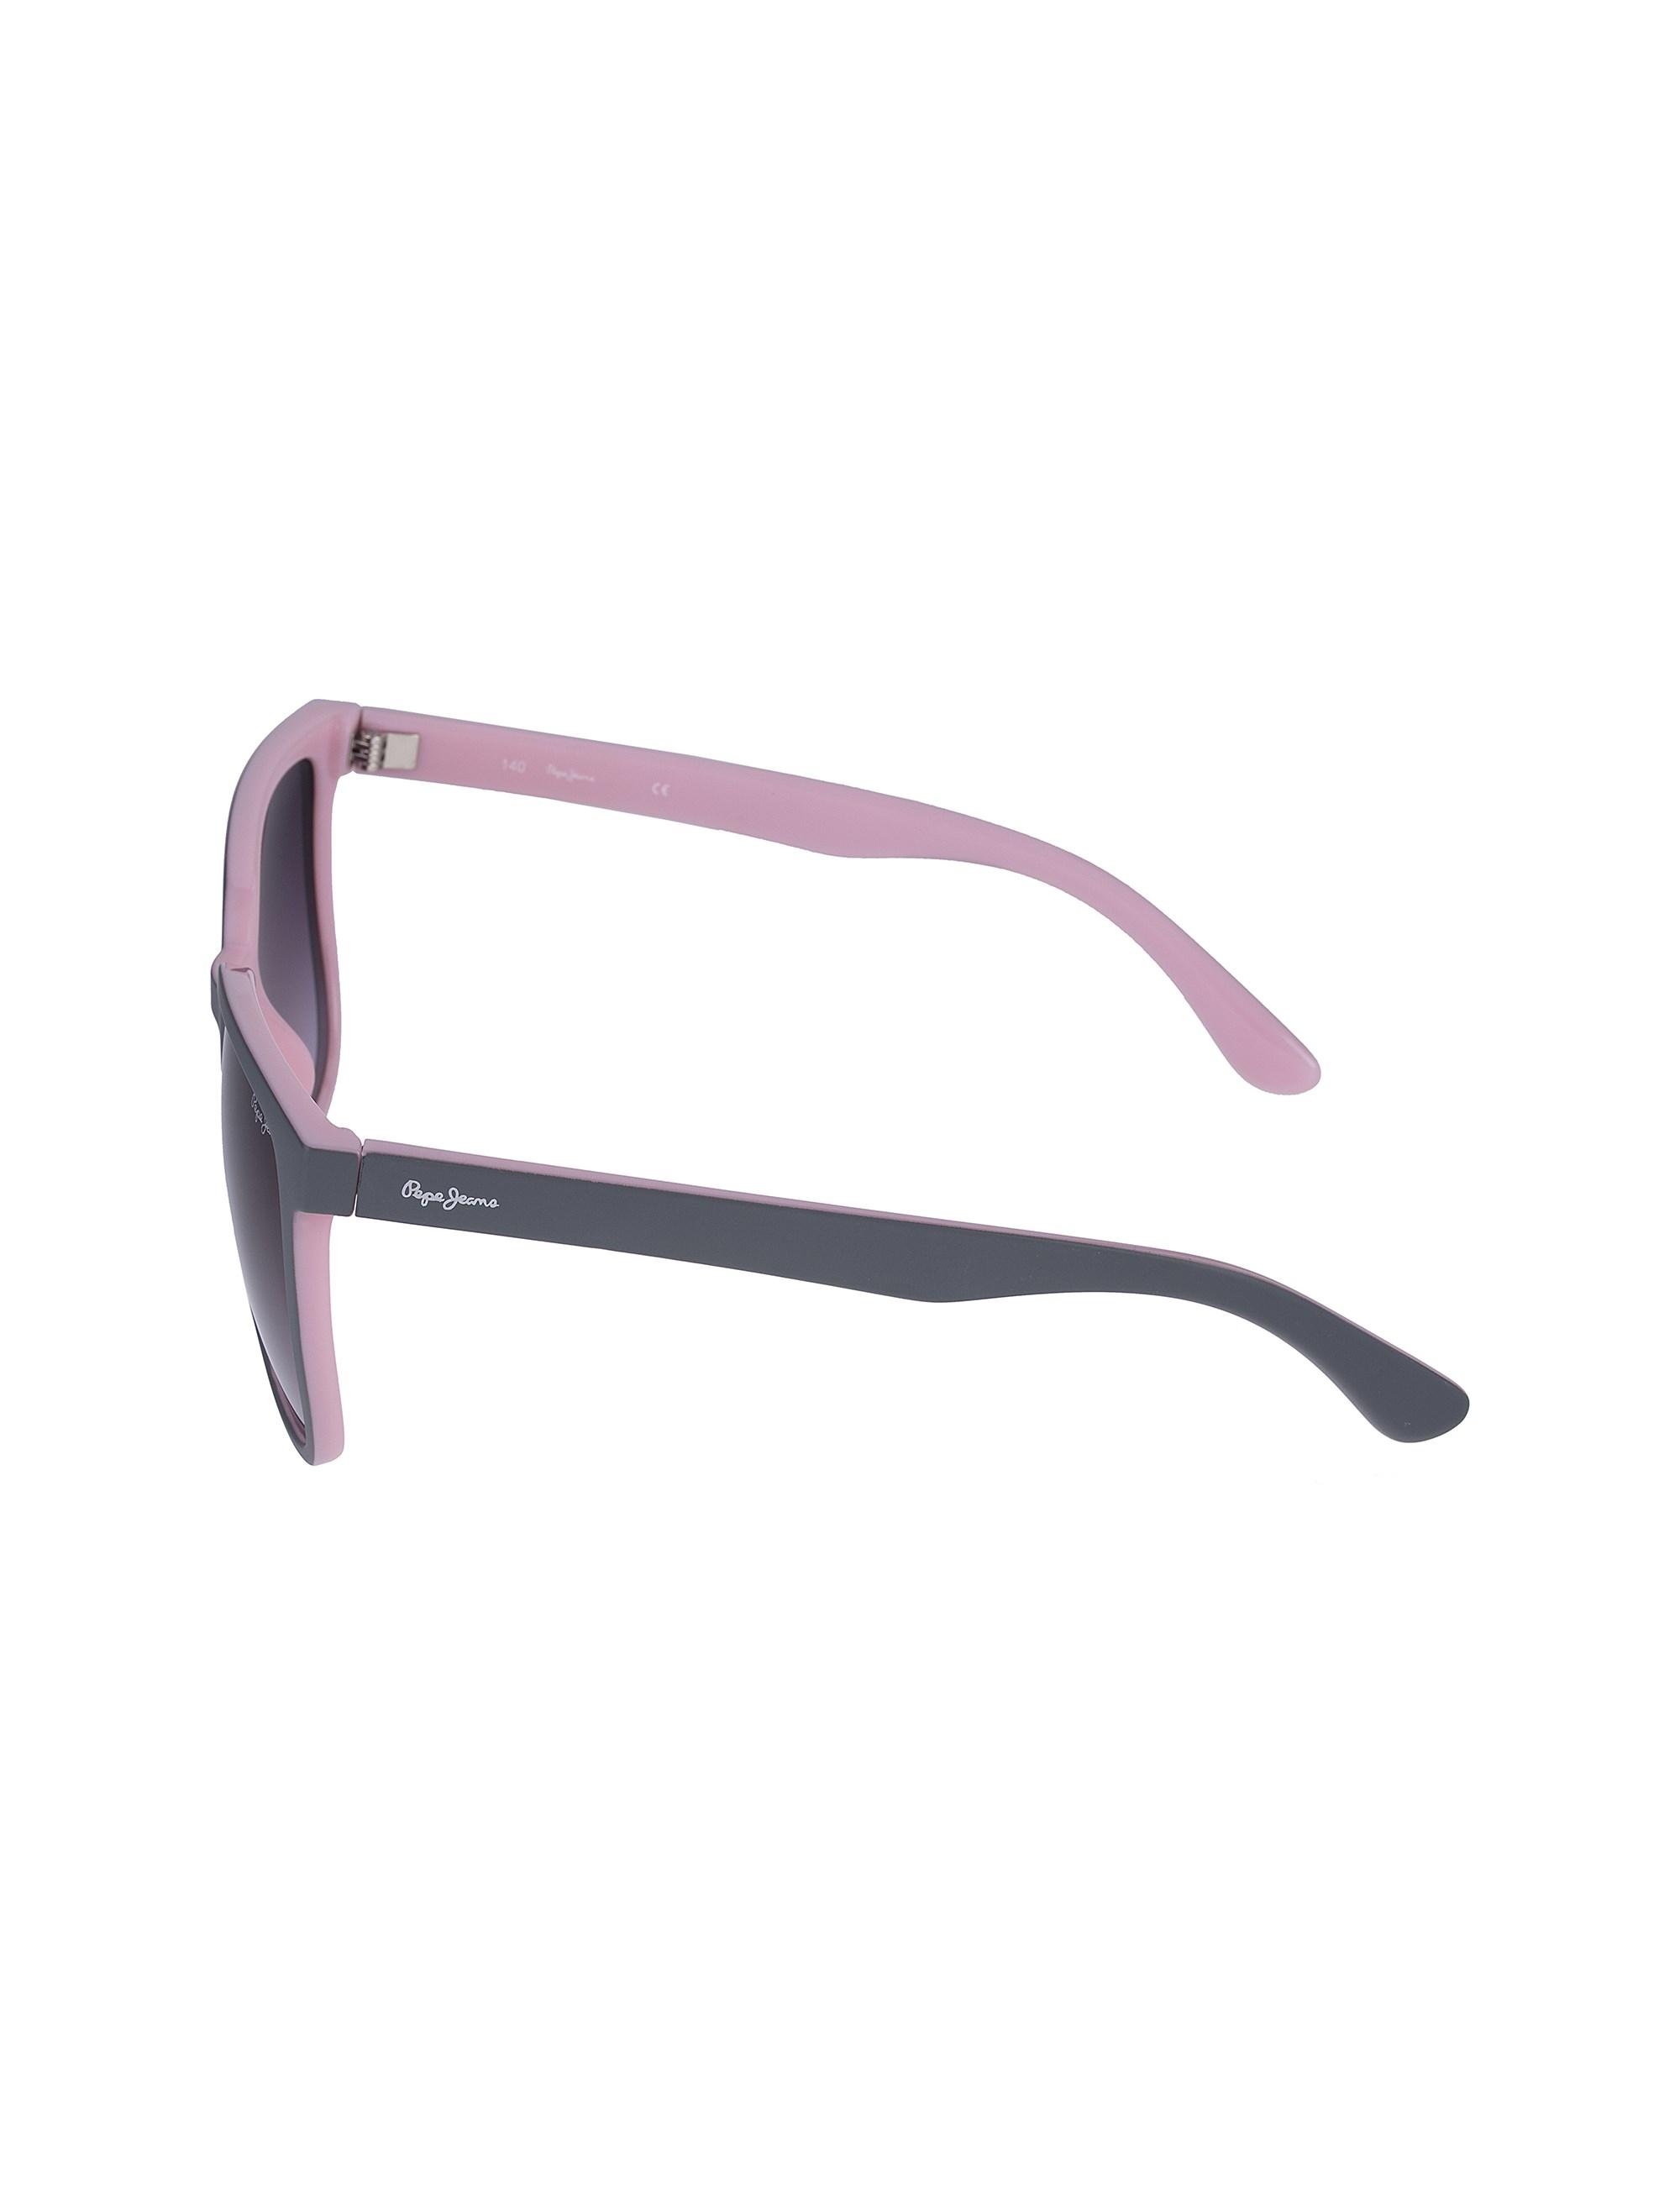 عینک آفتابی ویفرر زنانه - طوسي - 3